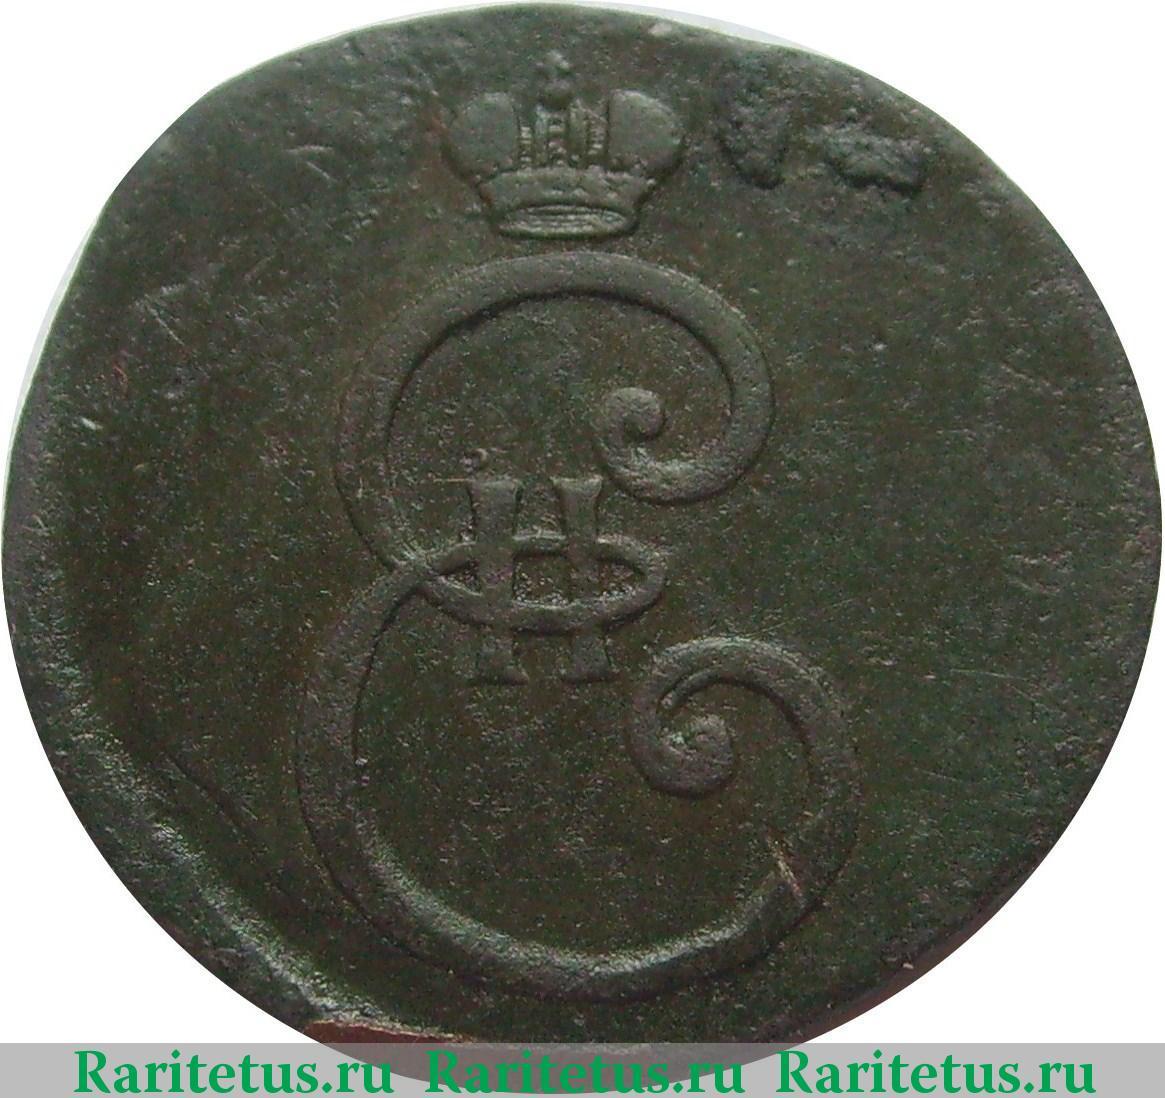 Монеты екатерина 2 стоимость каталог цены 1 доллар 2001 год сша бизон почему дороже других